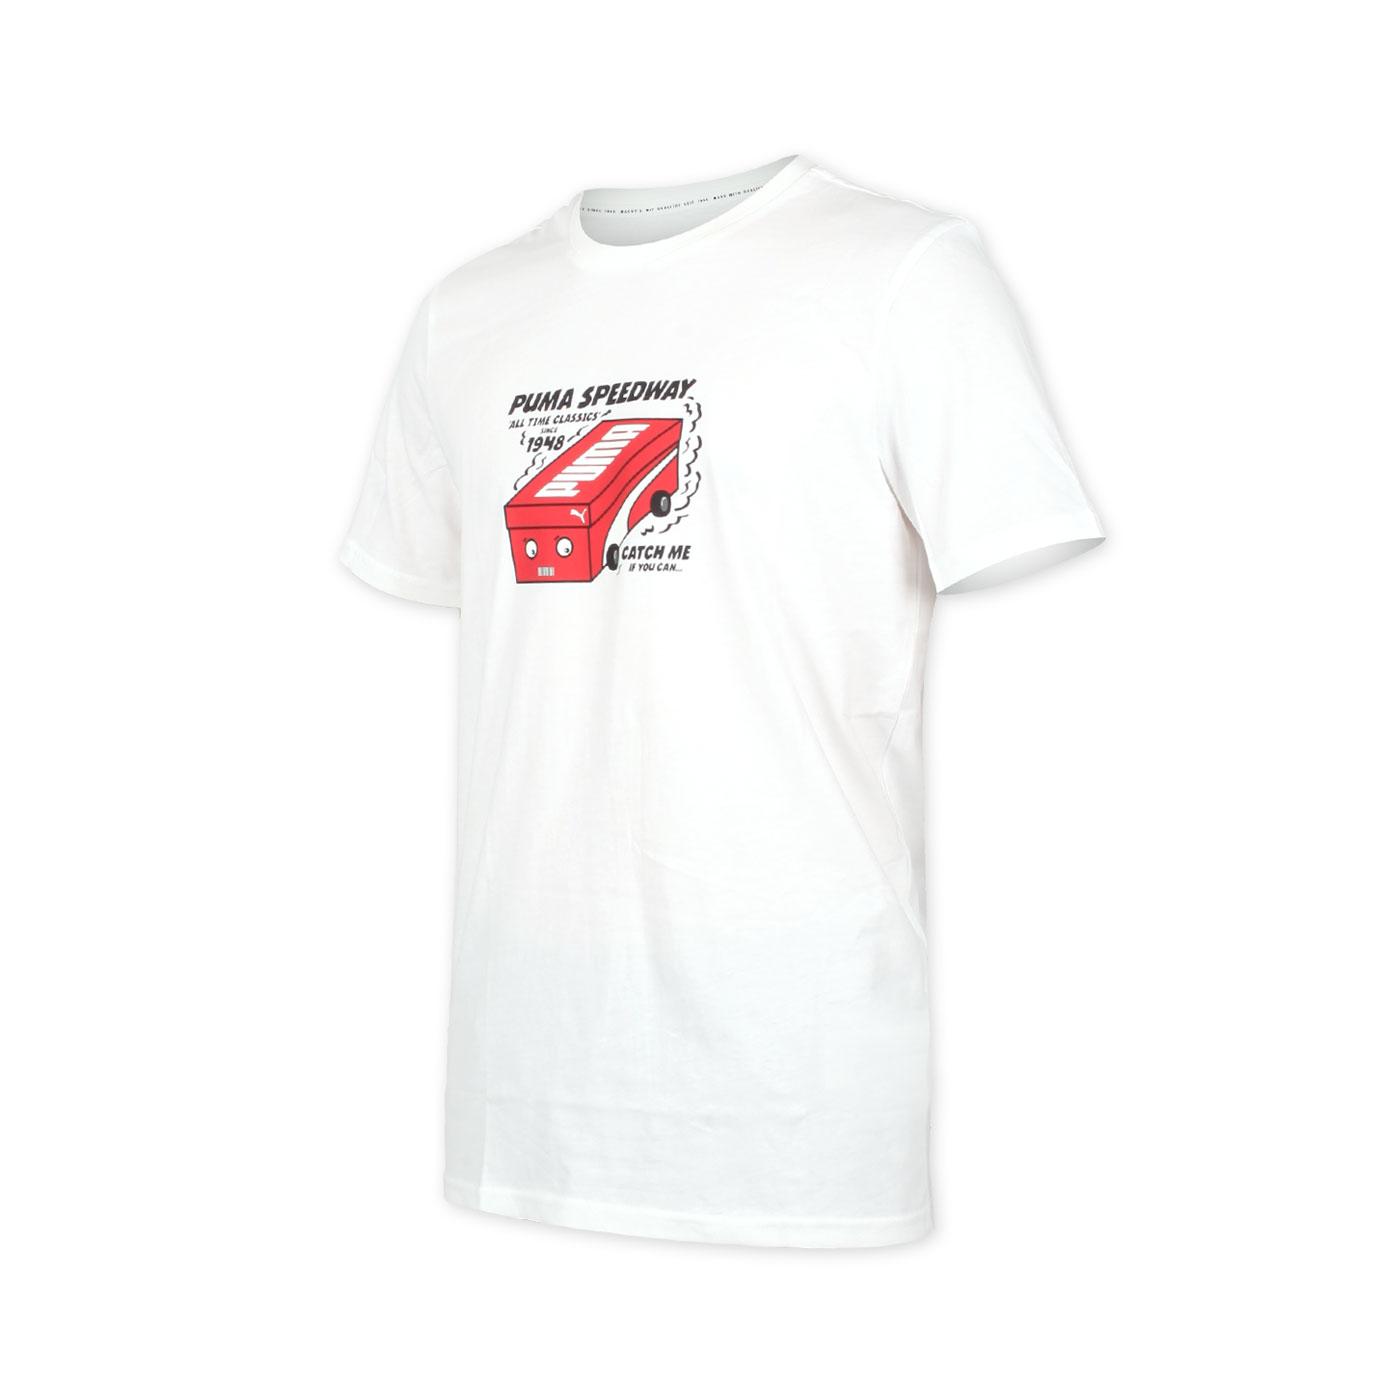 PUMA 男款流行系列短袖T恤 59862752 - 白紅黑